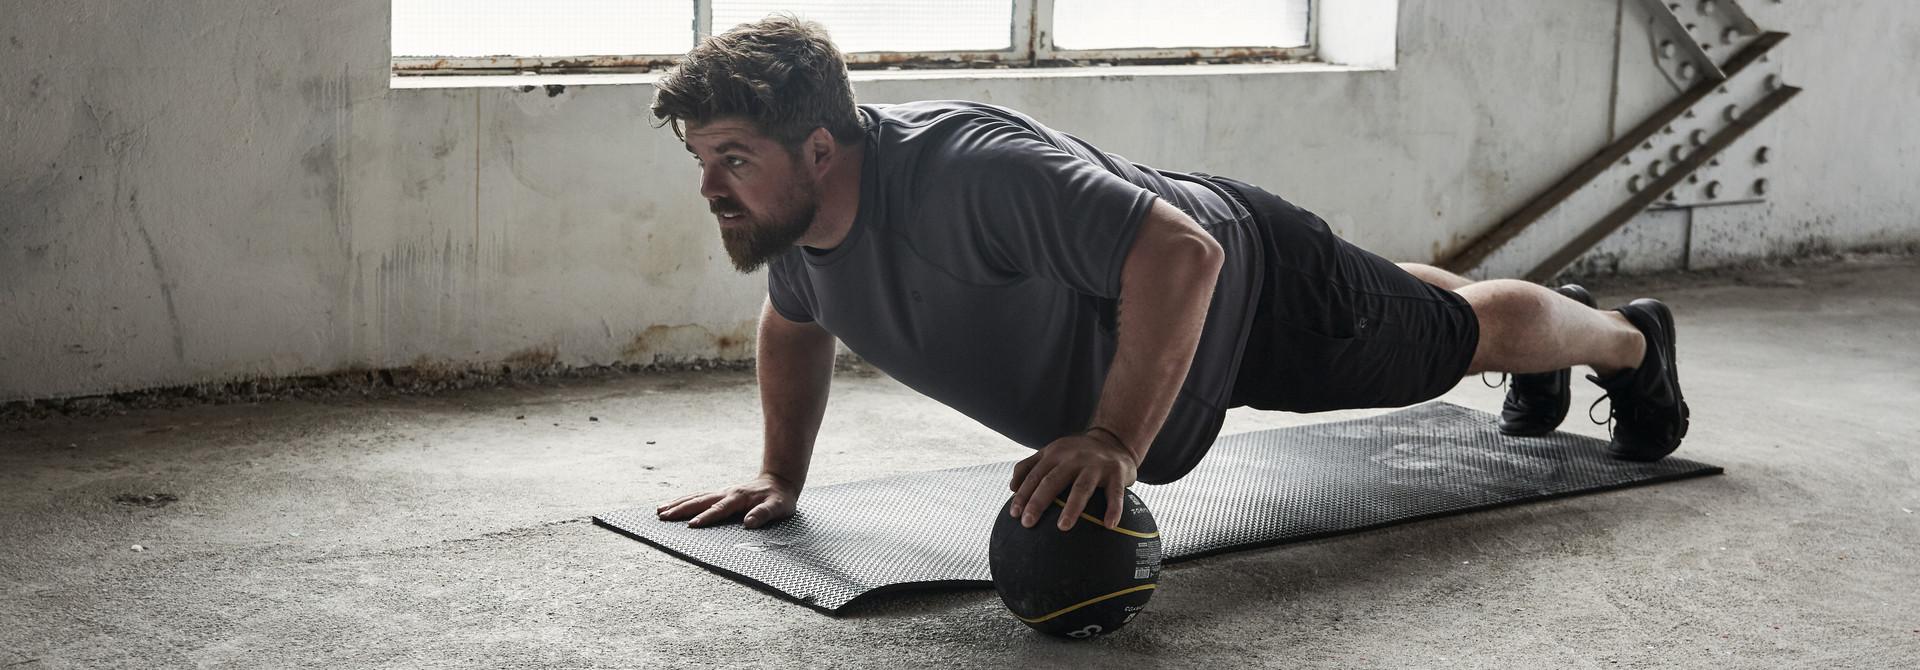 3 tips om gemotiveerd te blijven voor je home-workouts